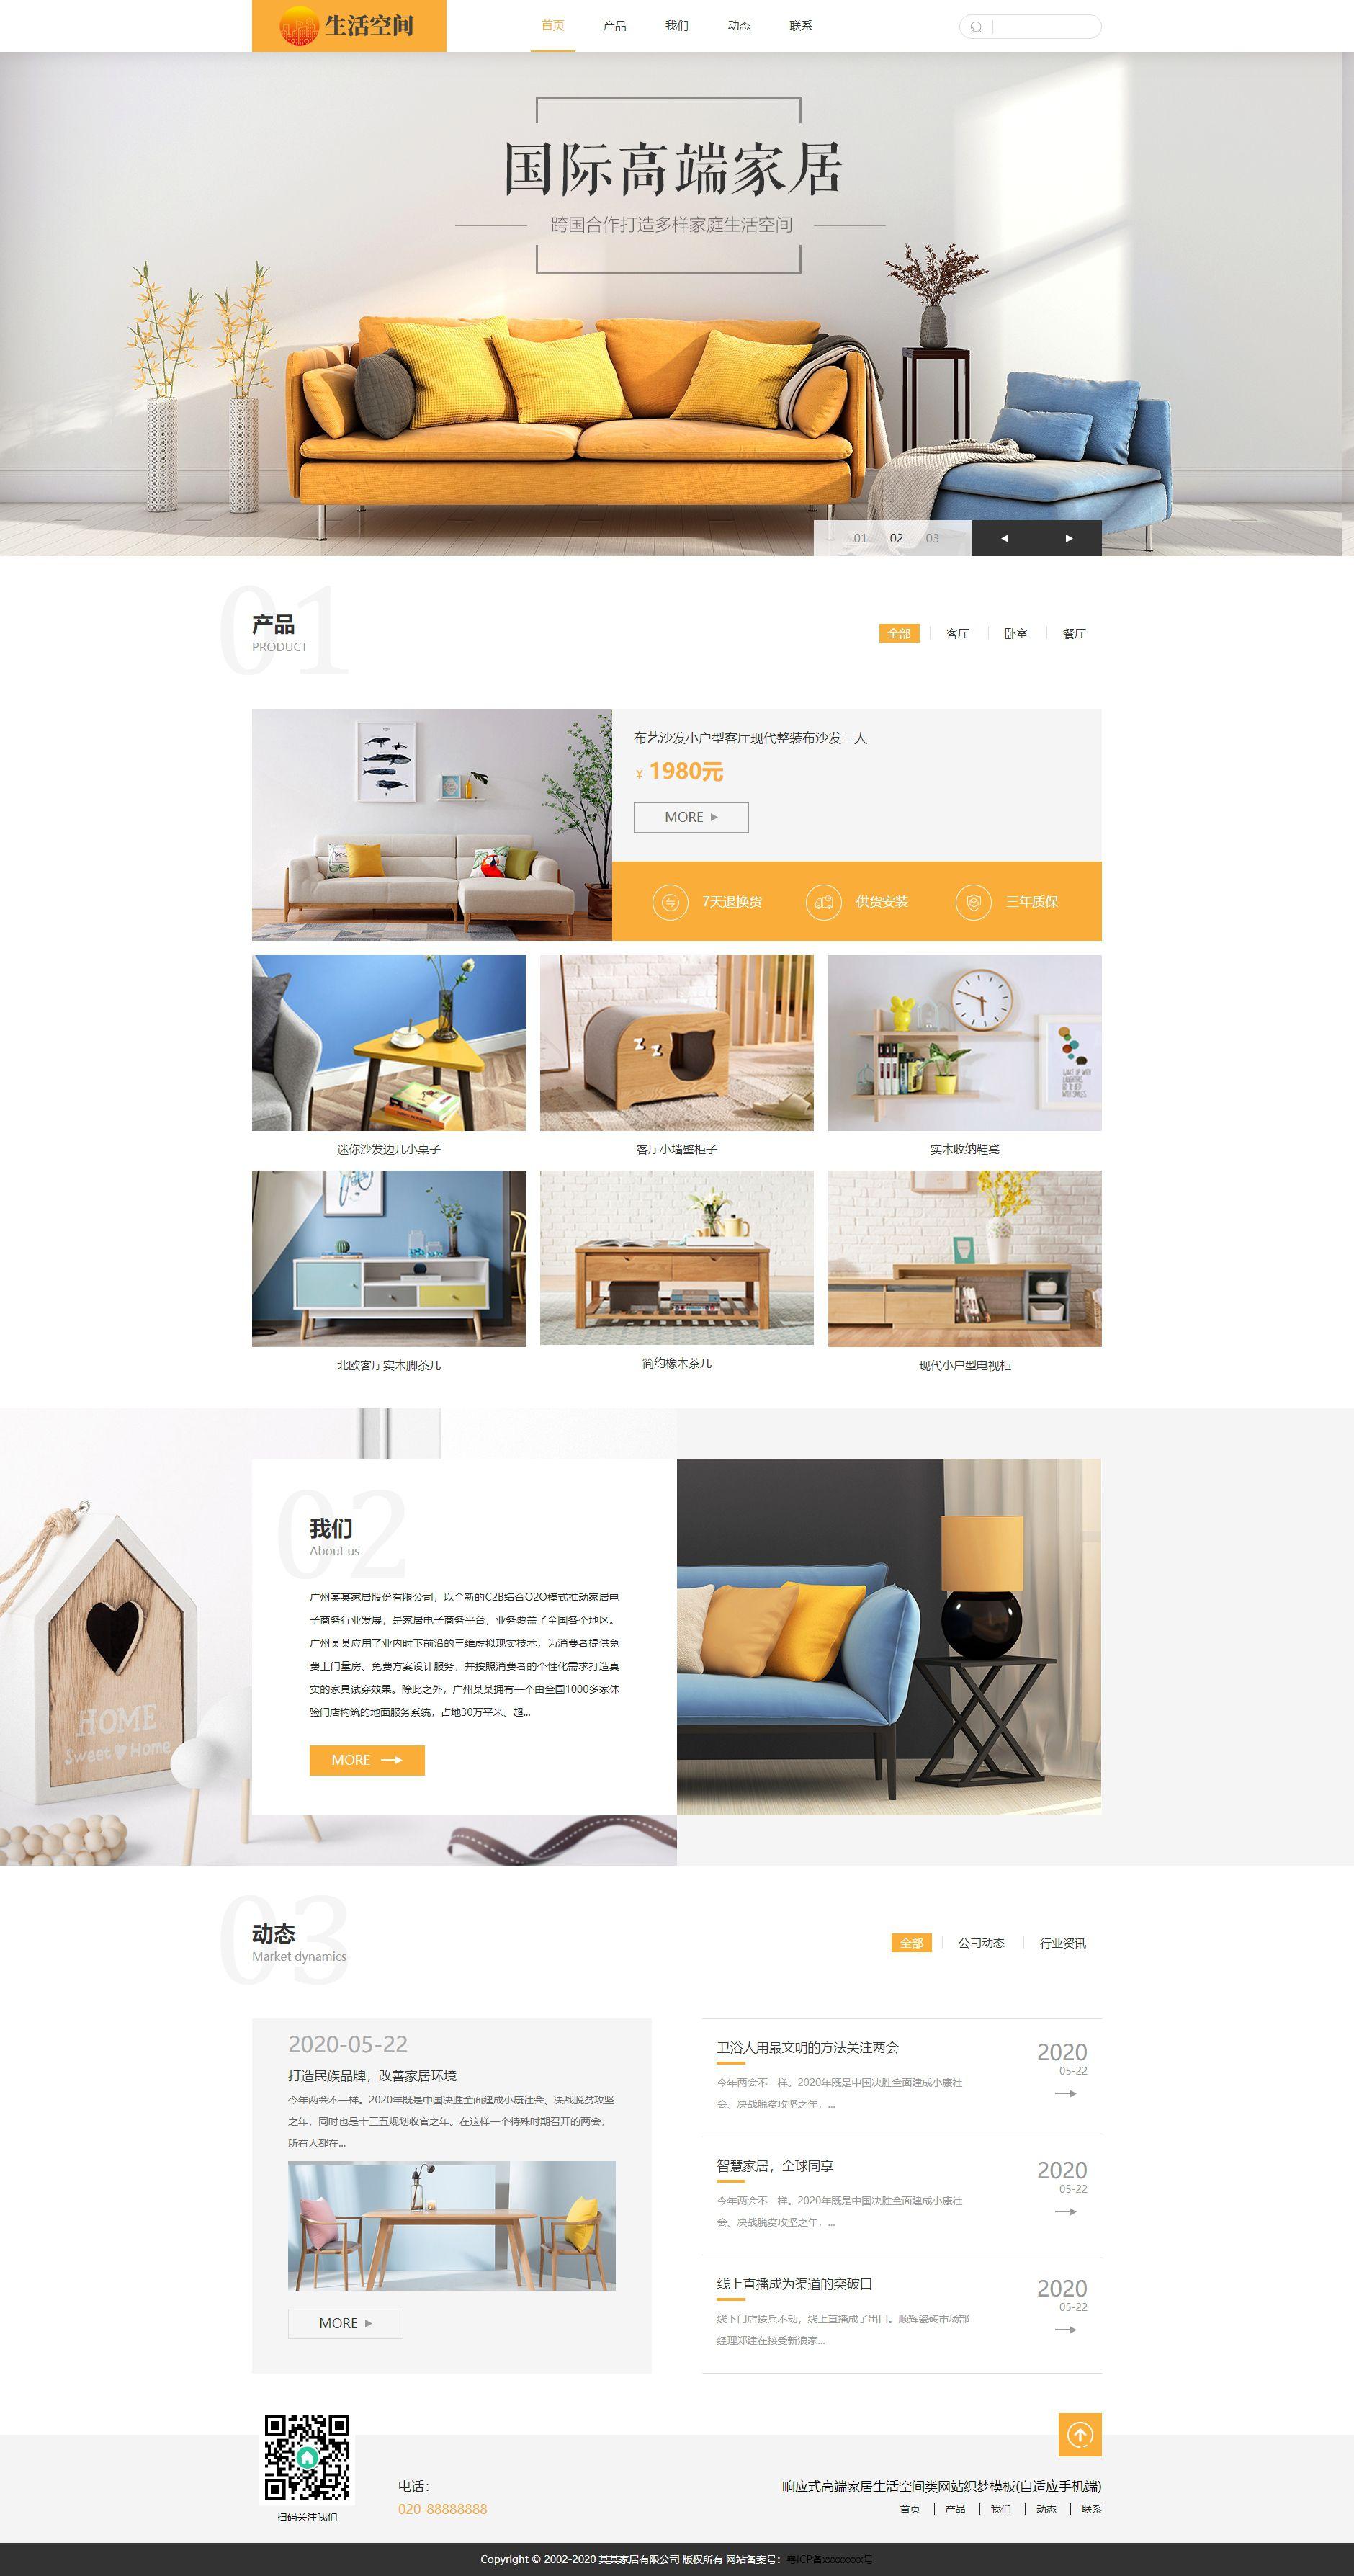 响应式高端家居生活空间类网站织梦dedecms模板(自适应手机端)